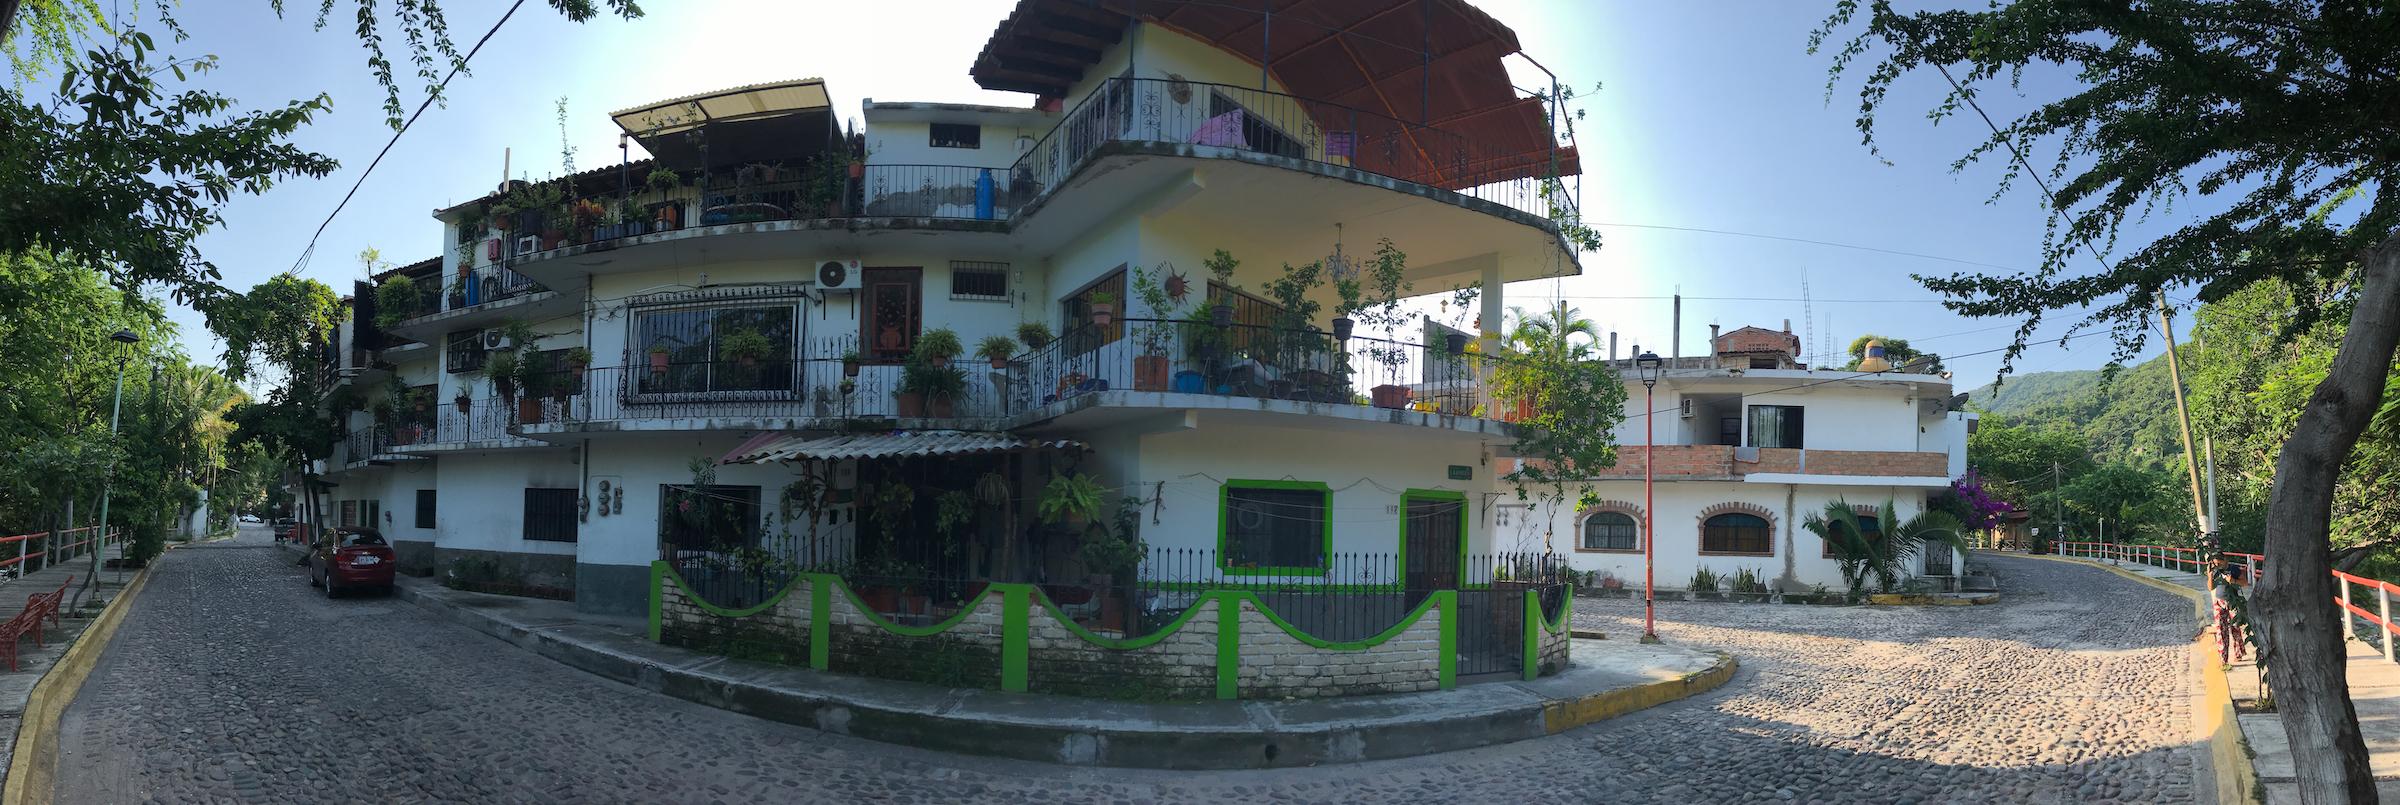 Josh Miller_runJMrun_Puerto Vallarta 10.jpg